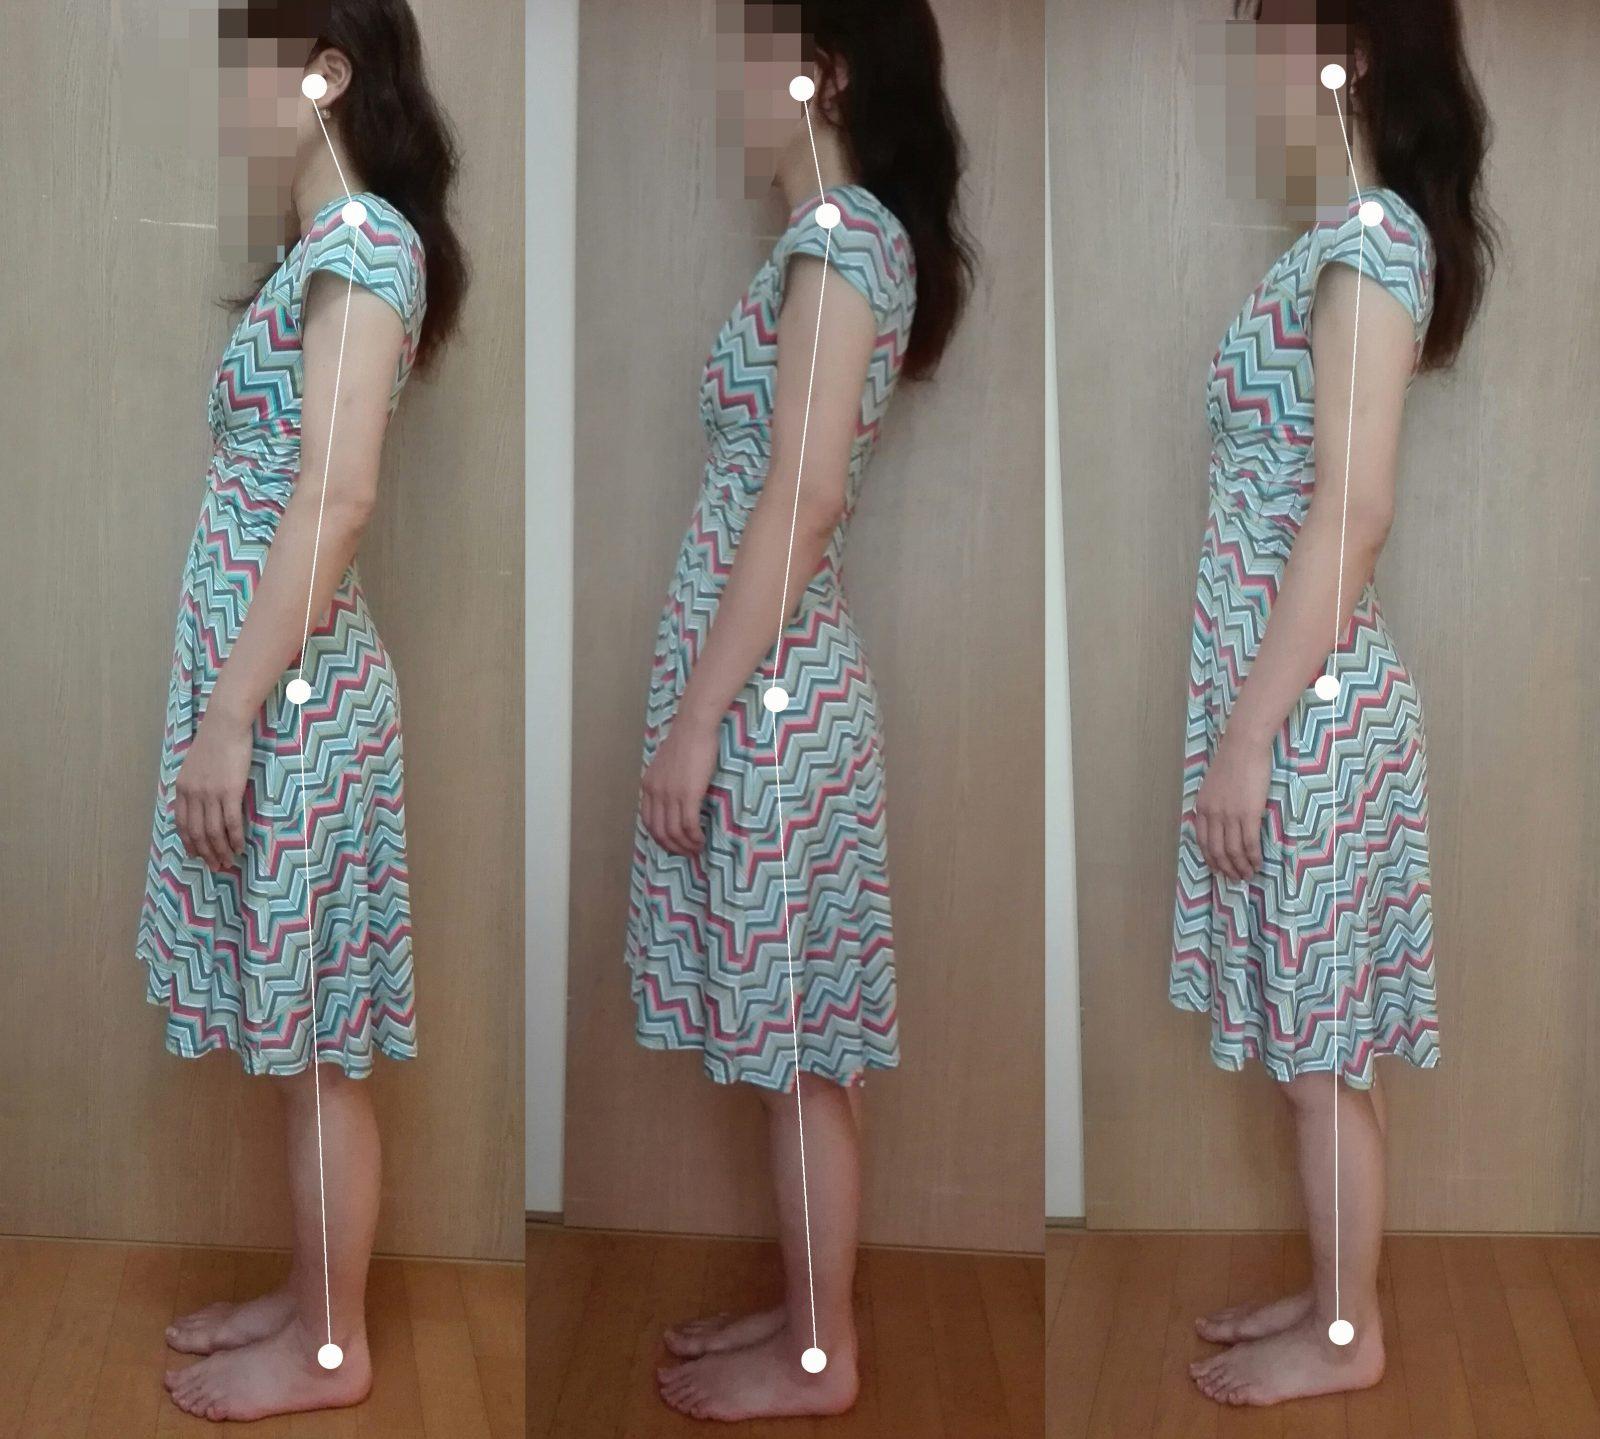 デトックスサロンflowing 京都のかっさで小顔になりたい-1回の施術で体は変化するのか